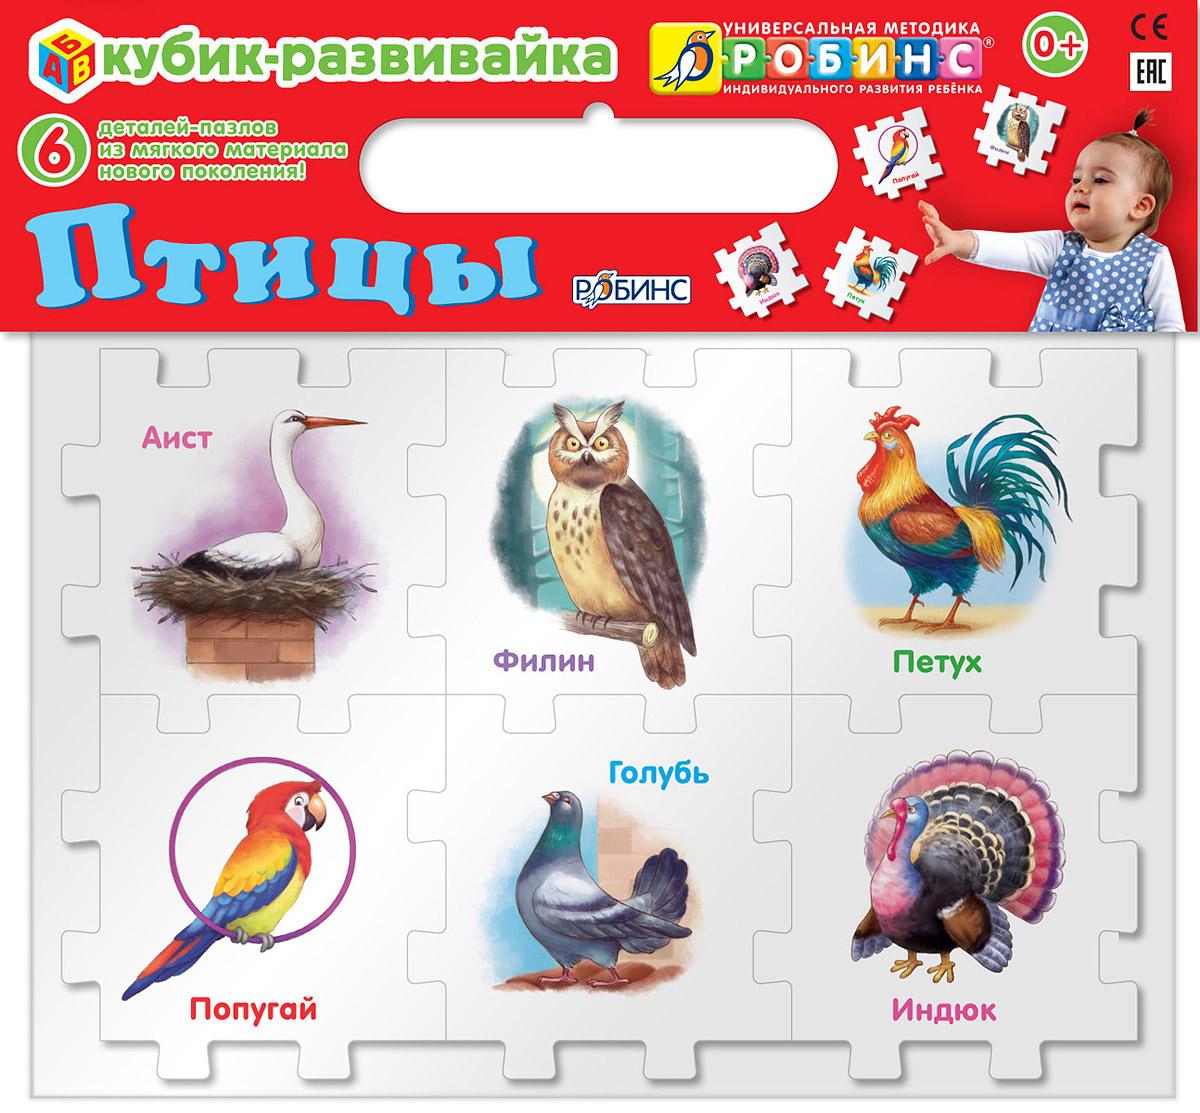 Робинс Кубик-развивайка Птицы 6 элементов